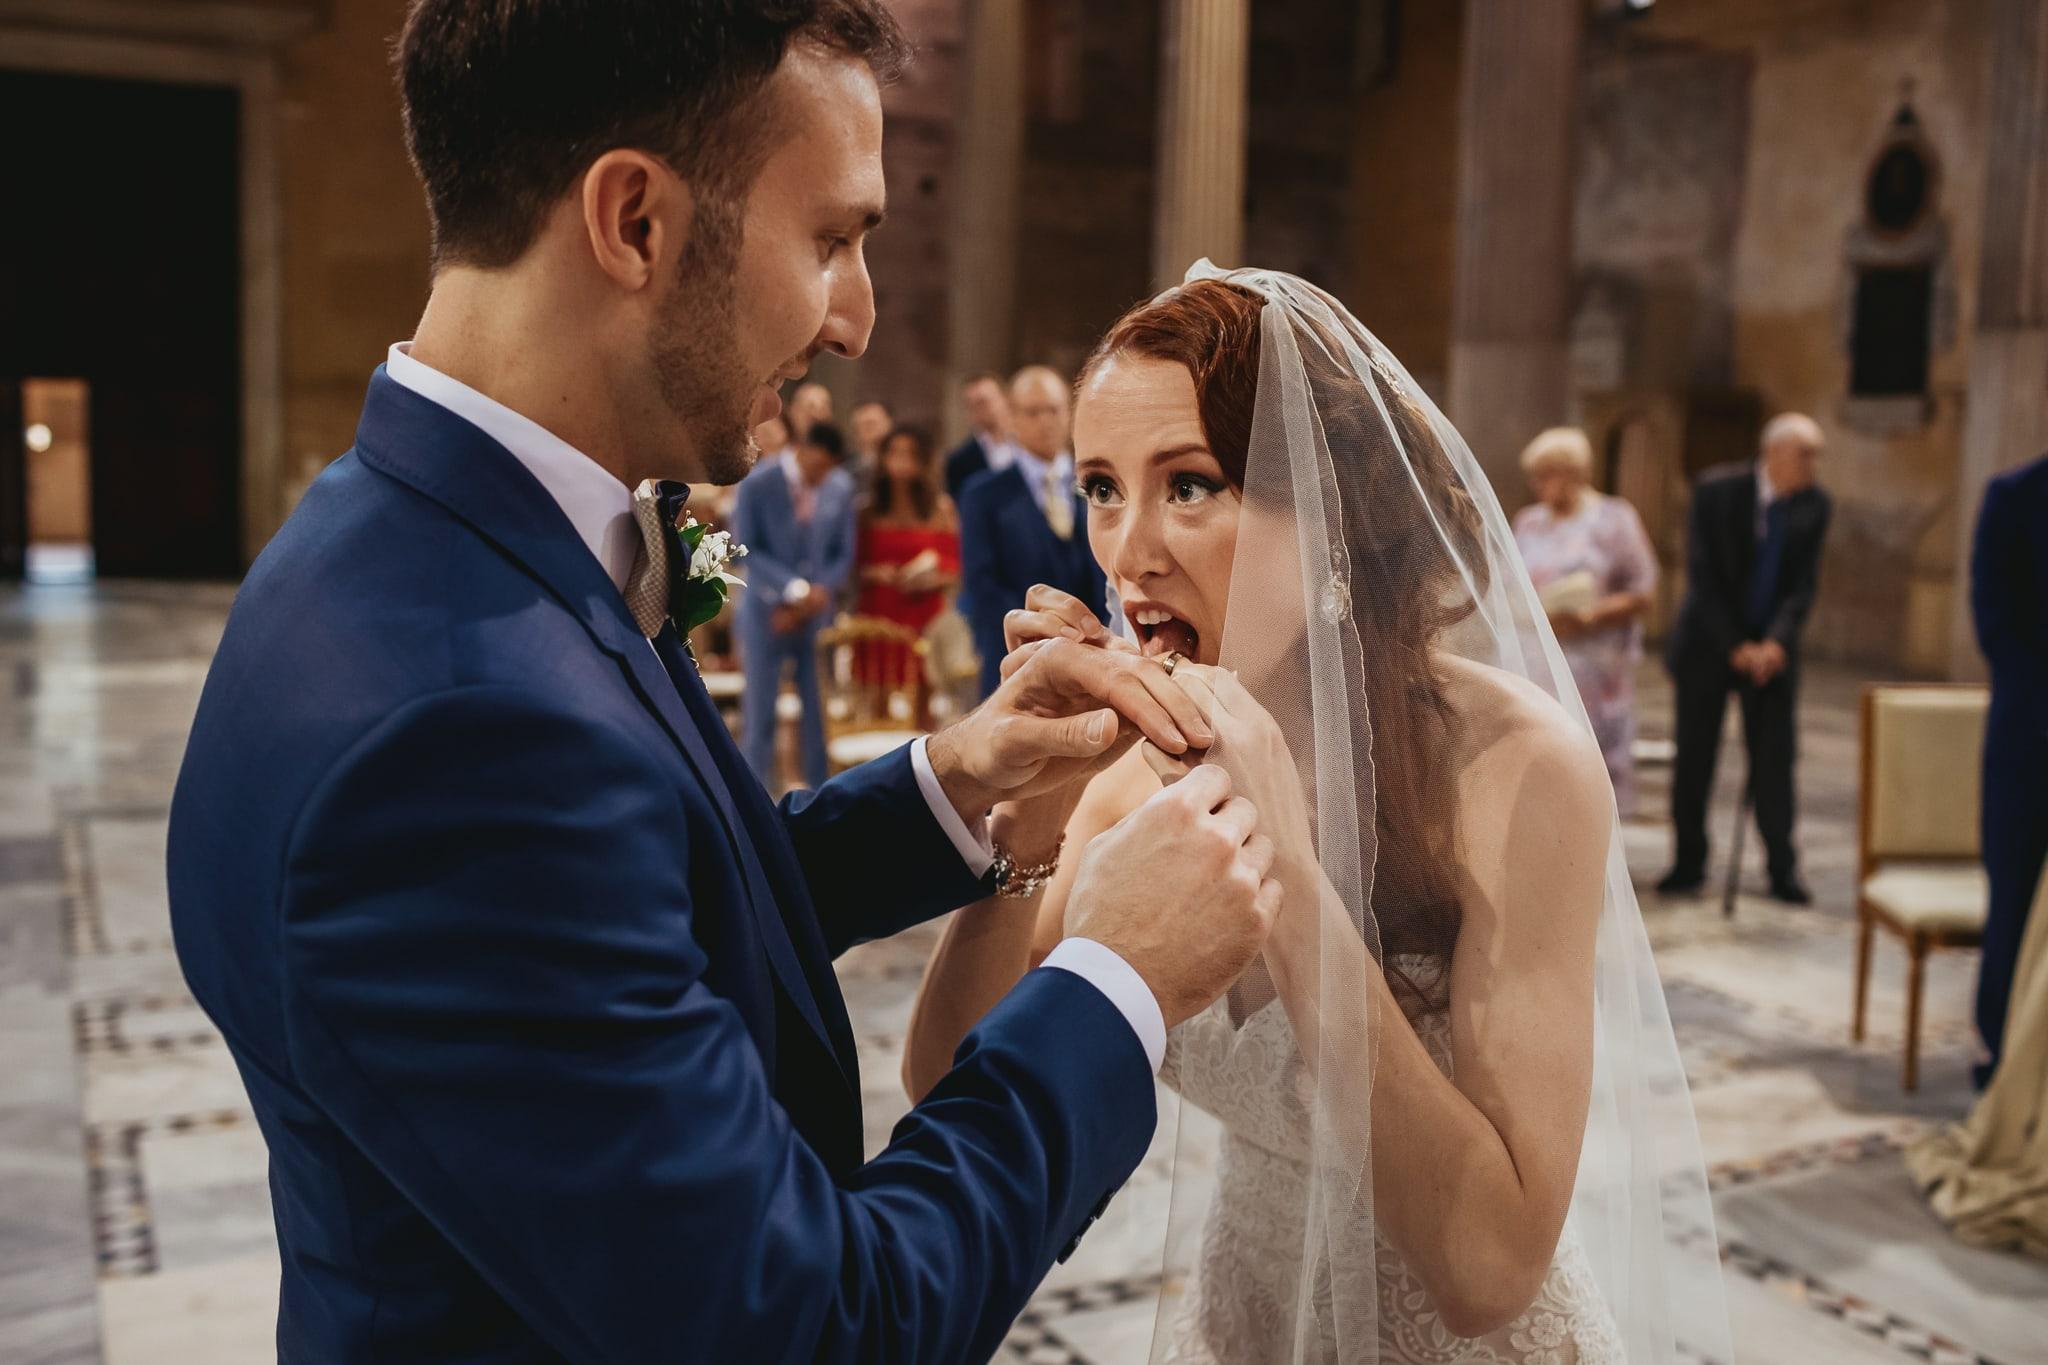 foto divertente fatta dai fotografi di matrimonio a  roma della sposa che lecca la fede prima dello scambio degli anelli